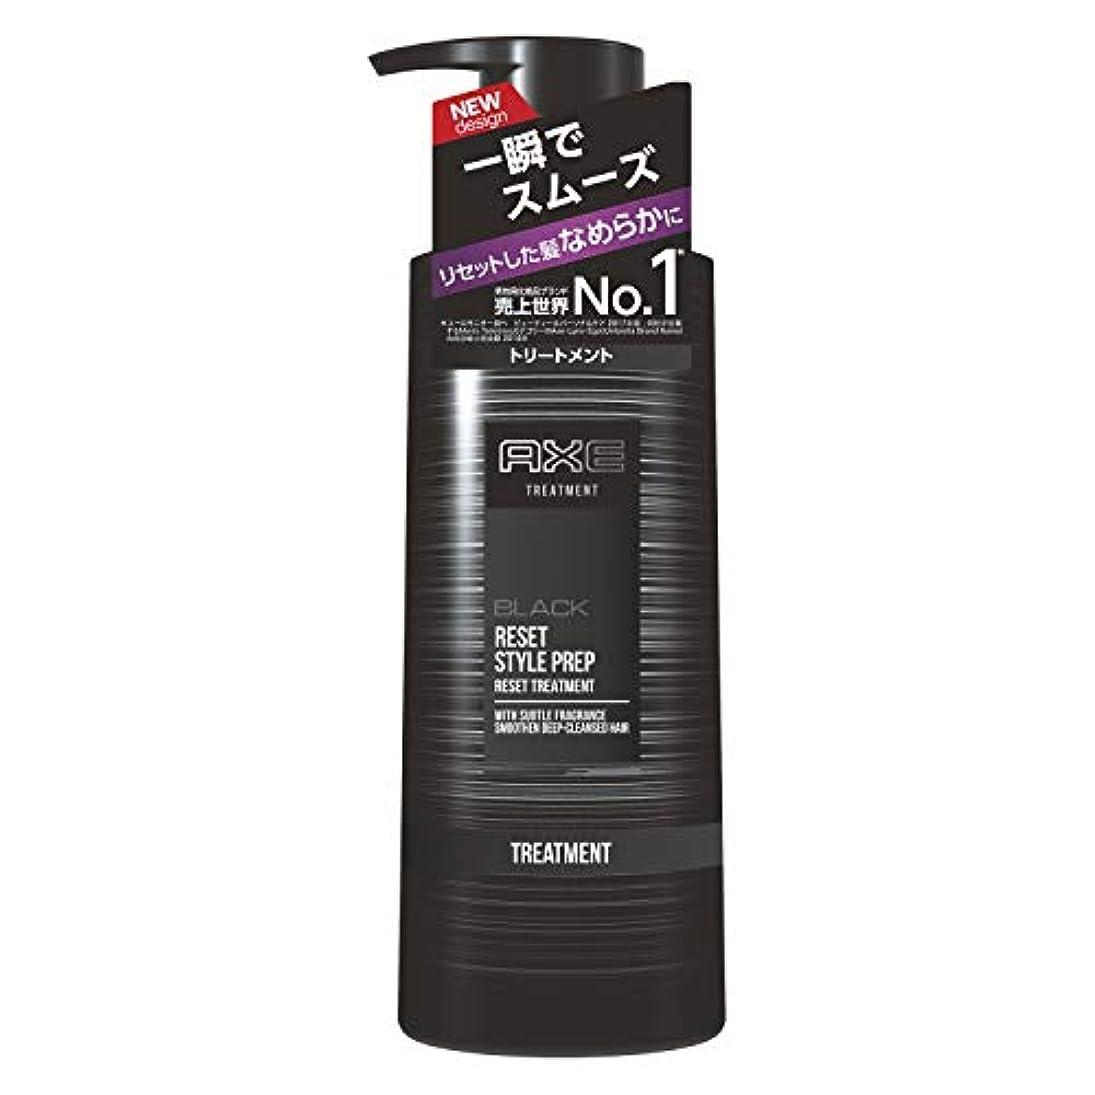 しかし介入する異なるアックス ブラック 男性用 トリートメント ポンプ (速攻スムーズ ラクなスタイリングへ) 350g (クールマリンのさりげない香り)